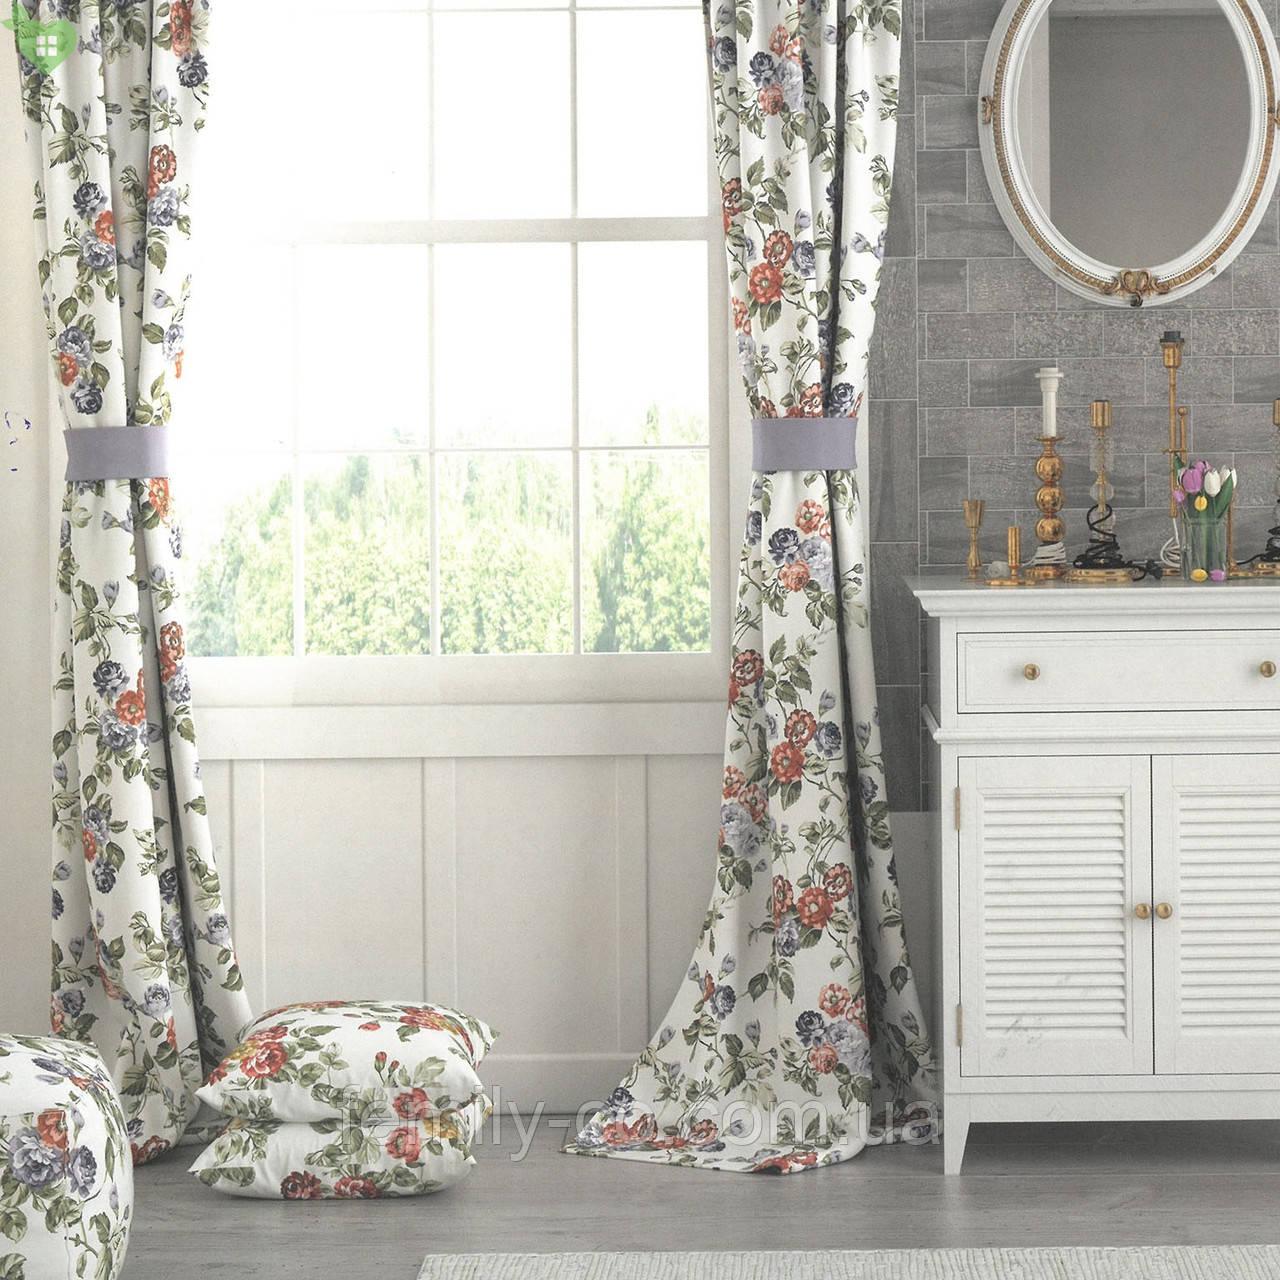 Декоративная ткань с мелкими сине-фиолетовыми и бордово-оранжевыми цветками на веточках Турция 130442v3